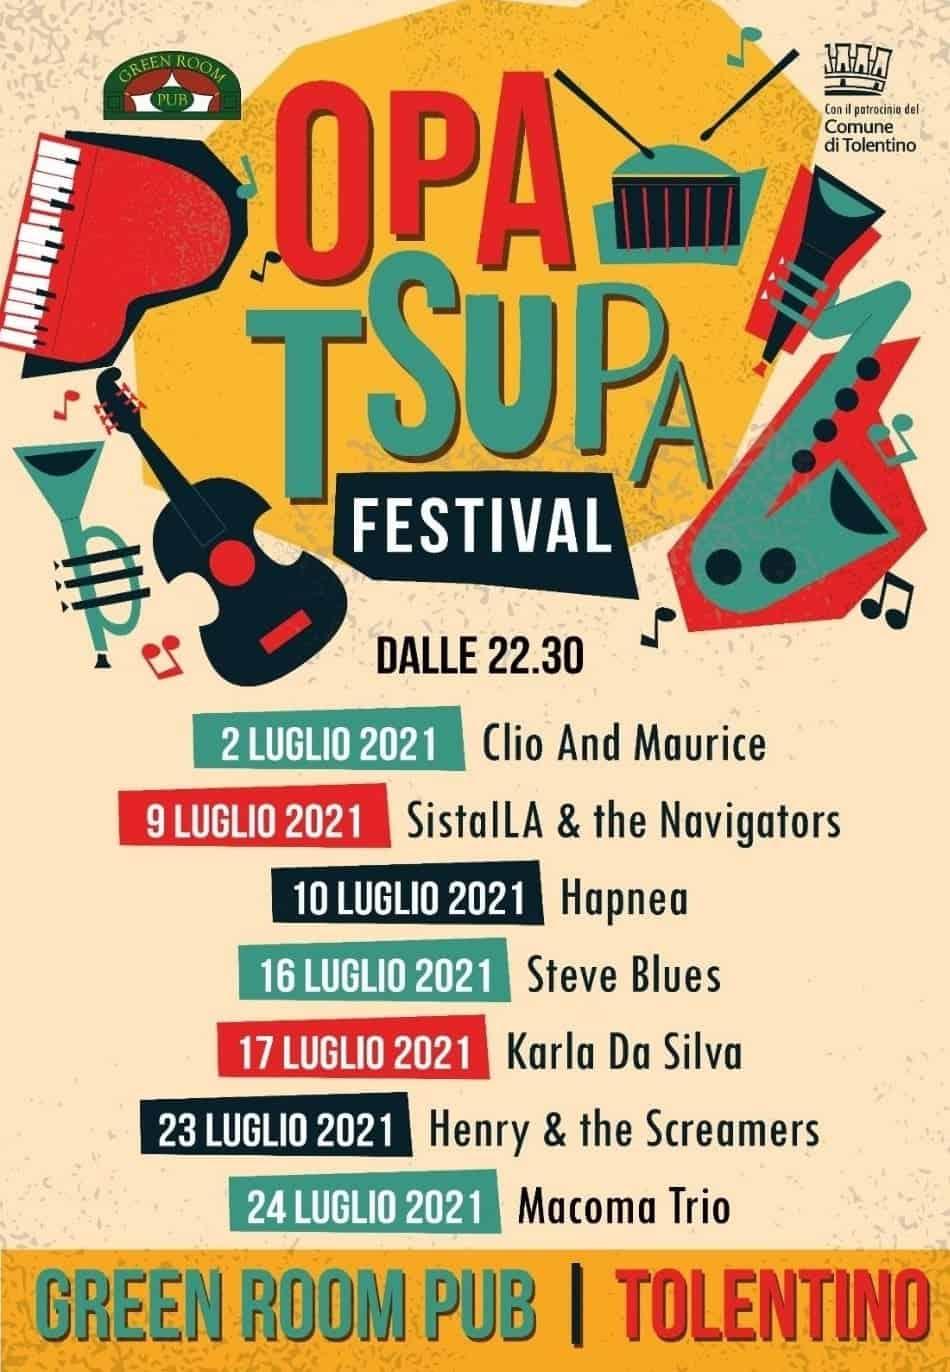 OPA TSUPA festival